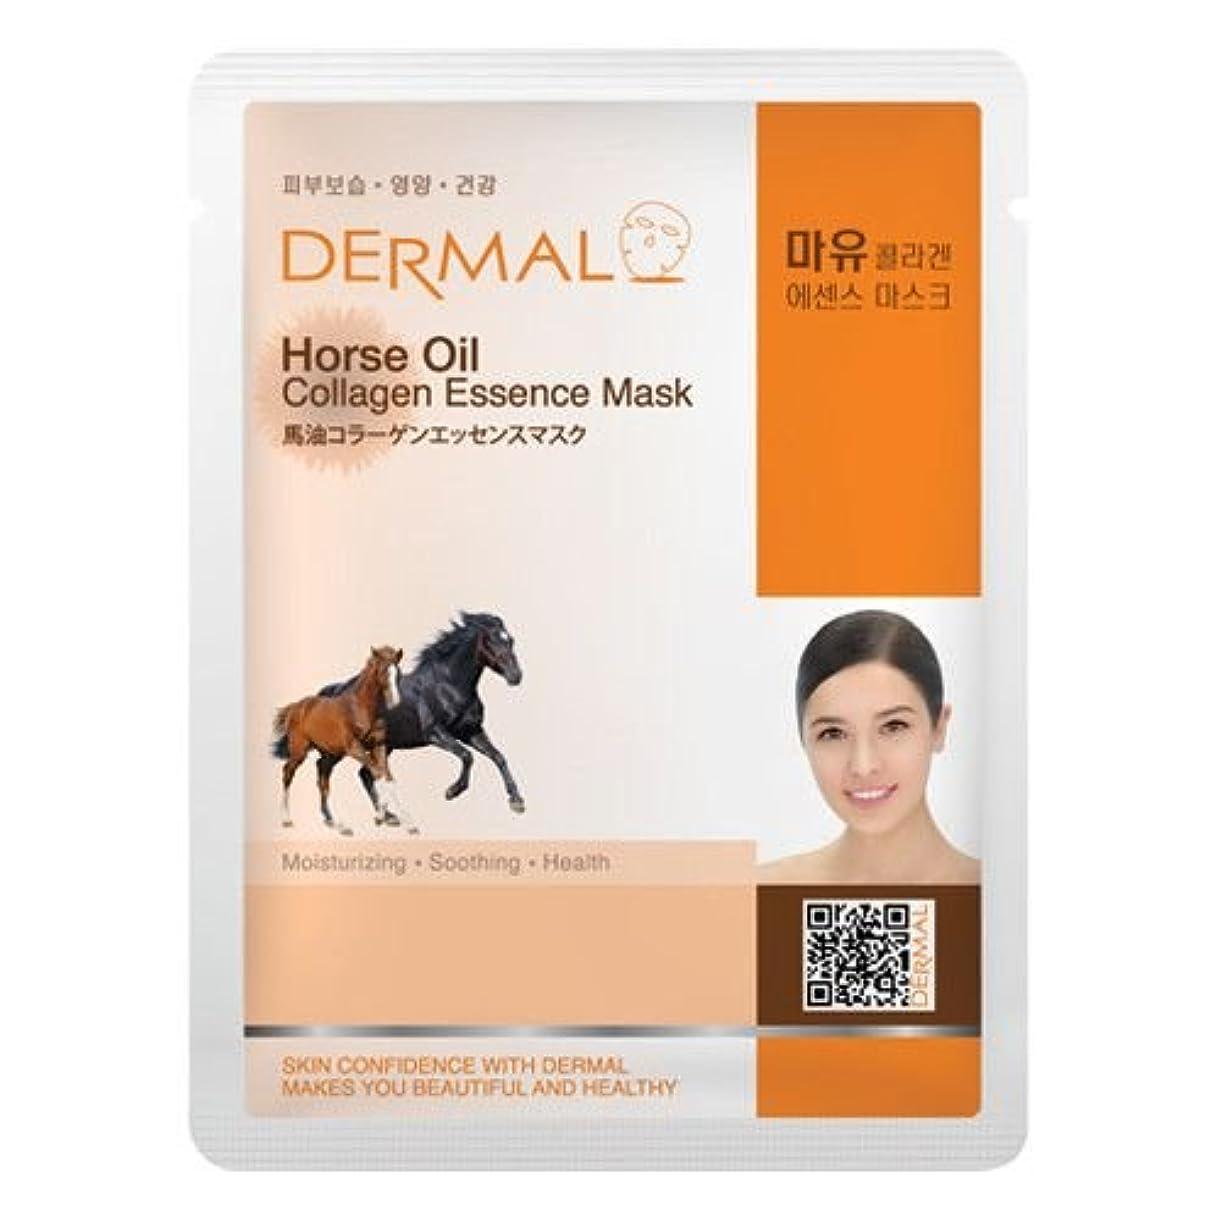 エクスタシー奪う代わりにを立てるシート マスク 馬油コラーゲン ダーマル Dermal 23g (10枚セット) 韓国コスメ コラーゲンエッセンスマスク フェイス パック